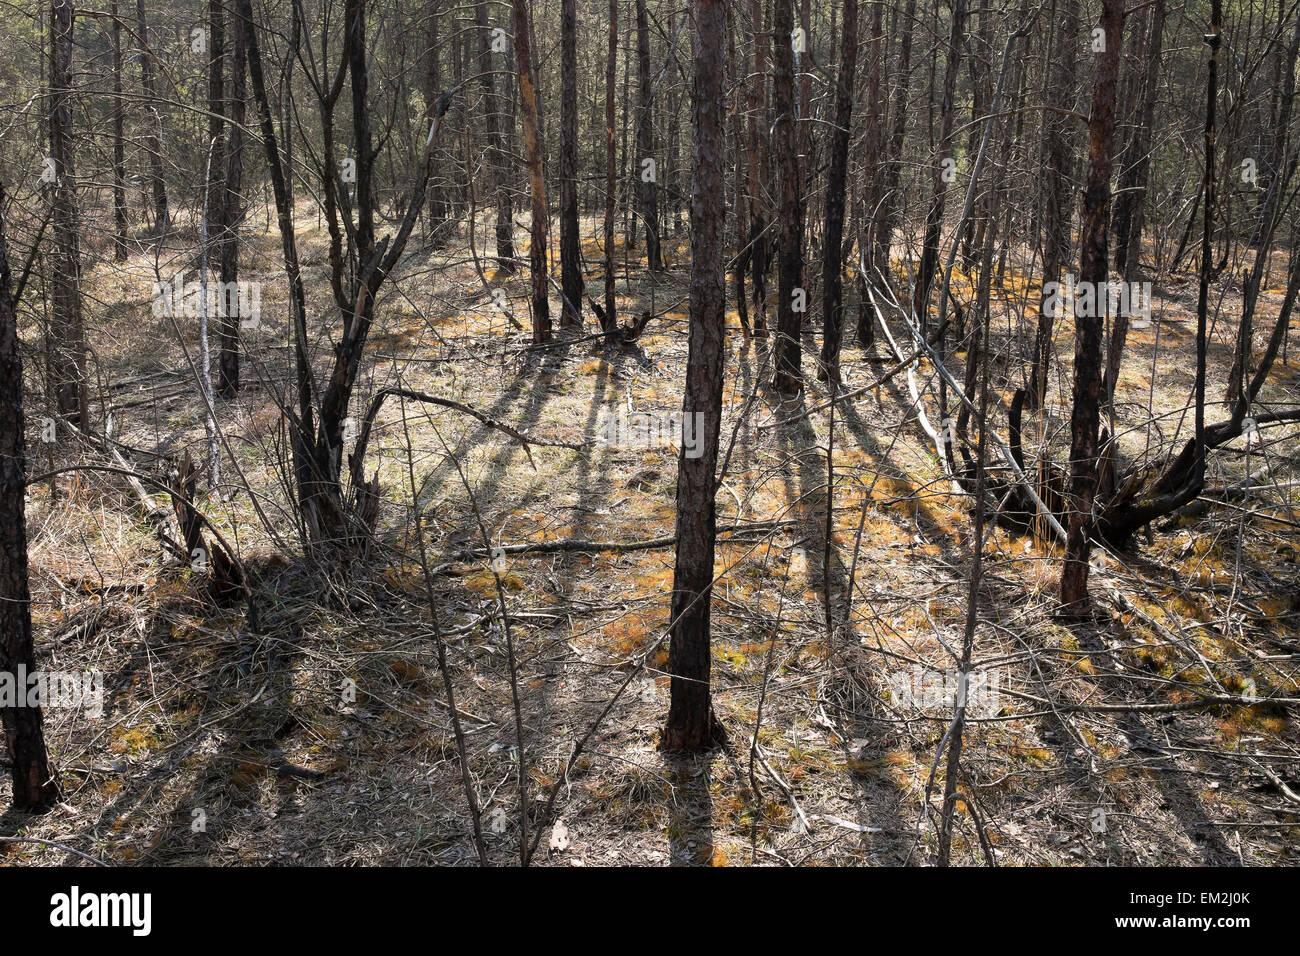 Fire damage in the floodplain forest, Isar, Pupplinger Au, Geretsried, Upper Bavaria, Bavaria, Germany - Stock Image